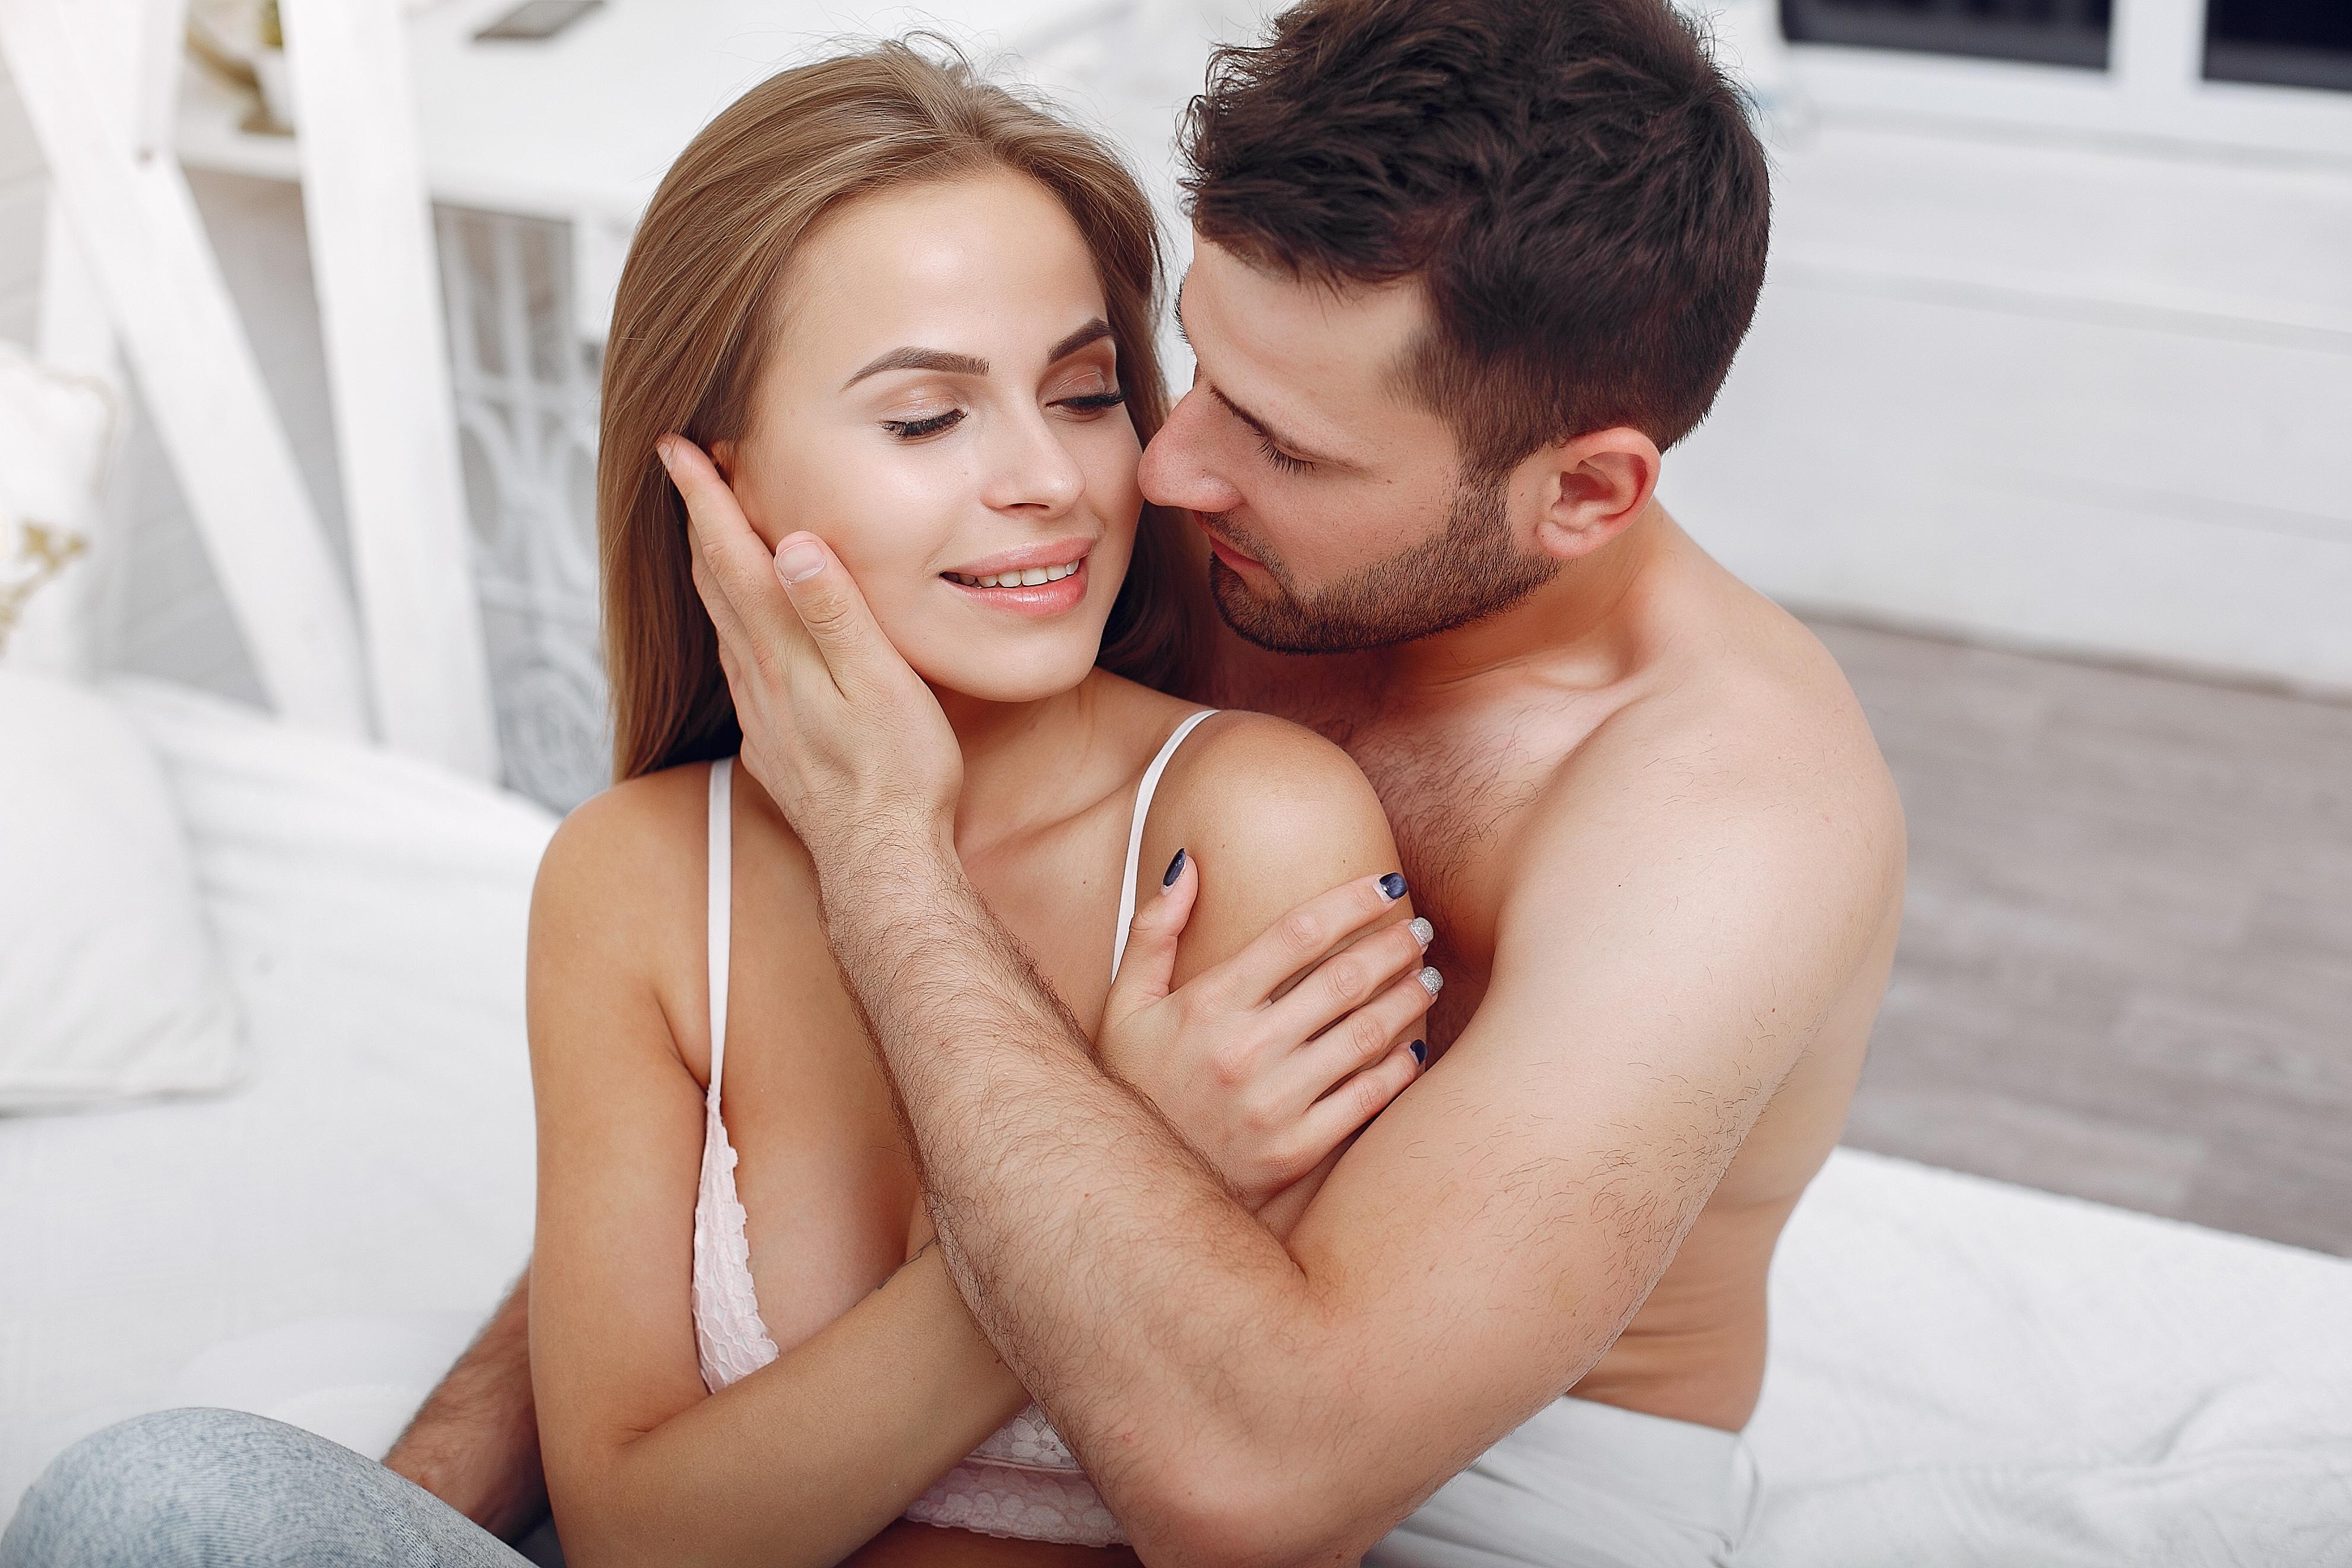 Порно-гороскоп: эротические сцены из кино по знакам зодиака